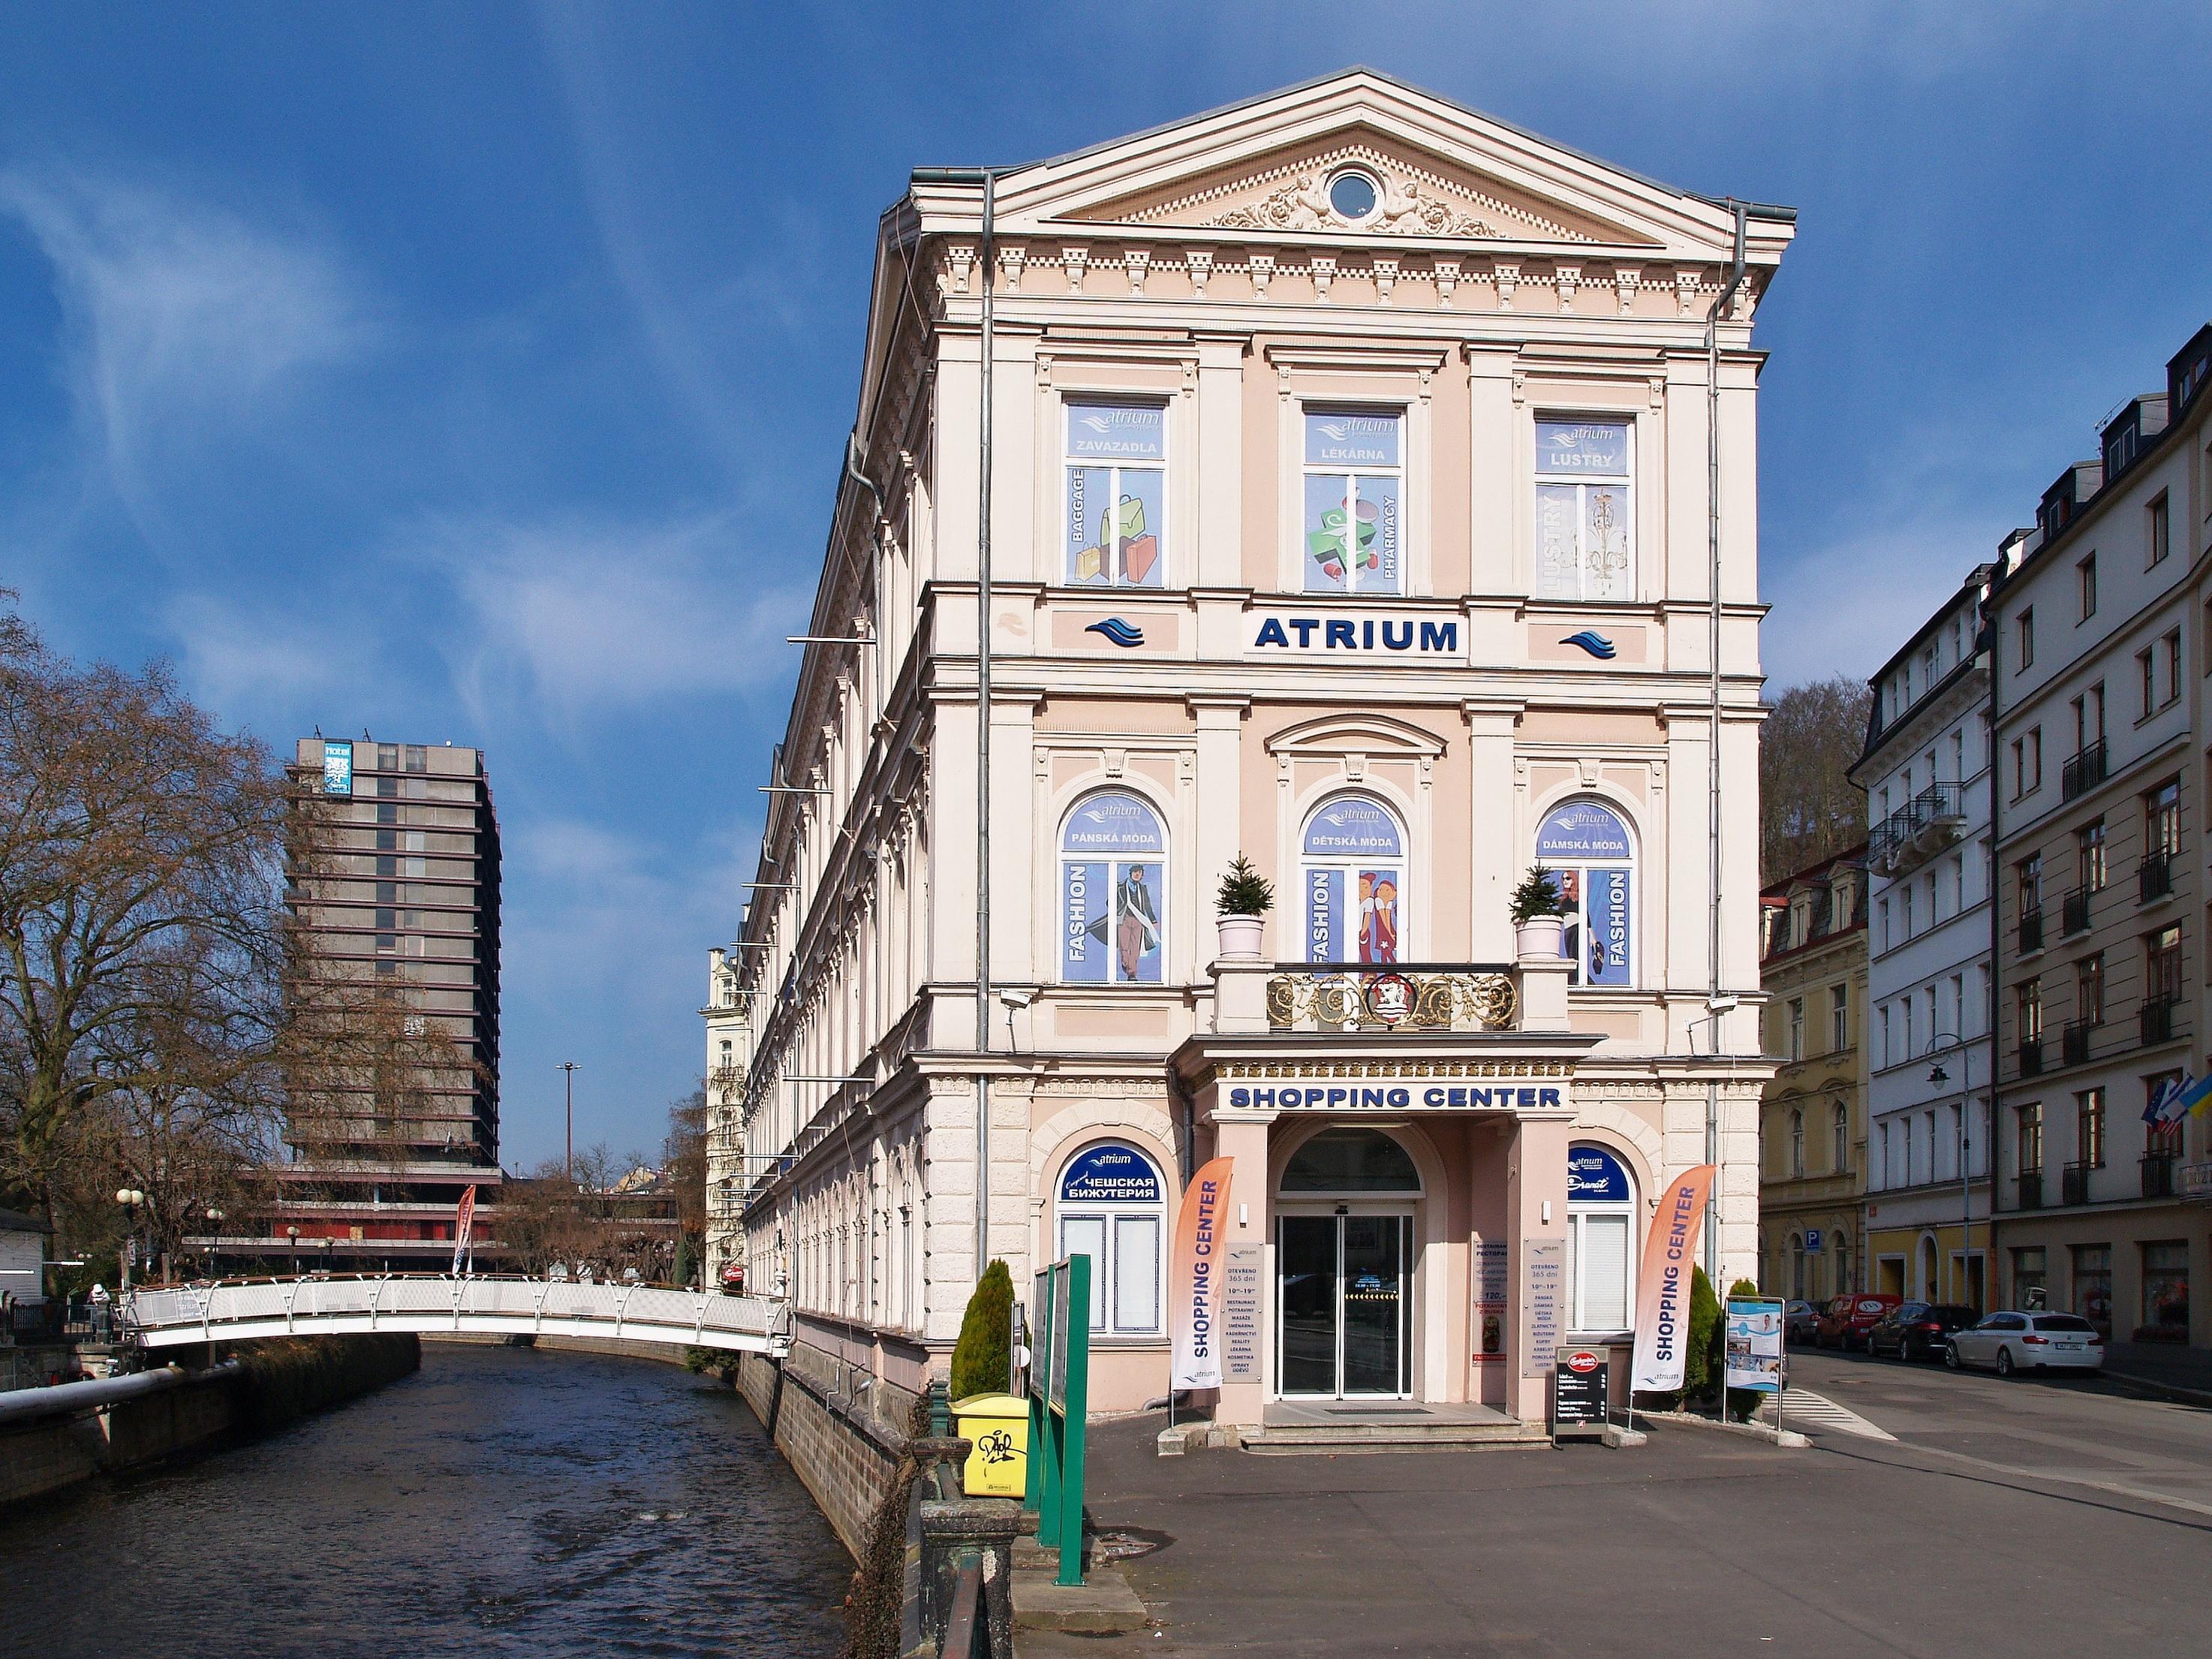 Nákupní centrum ATRIUM v Karlových Varech